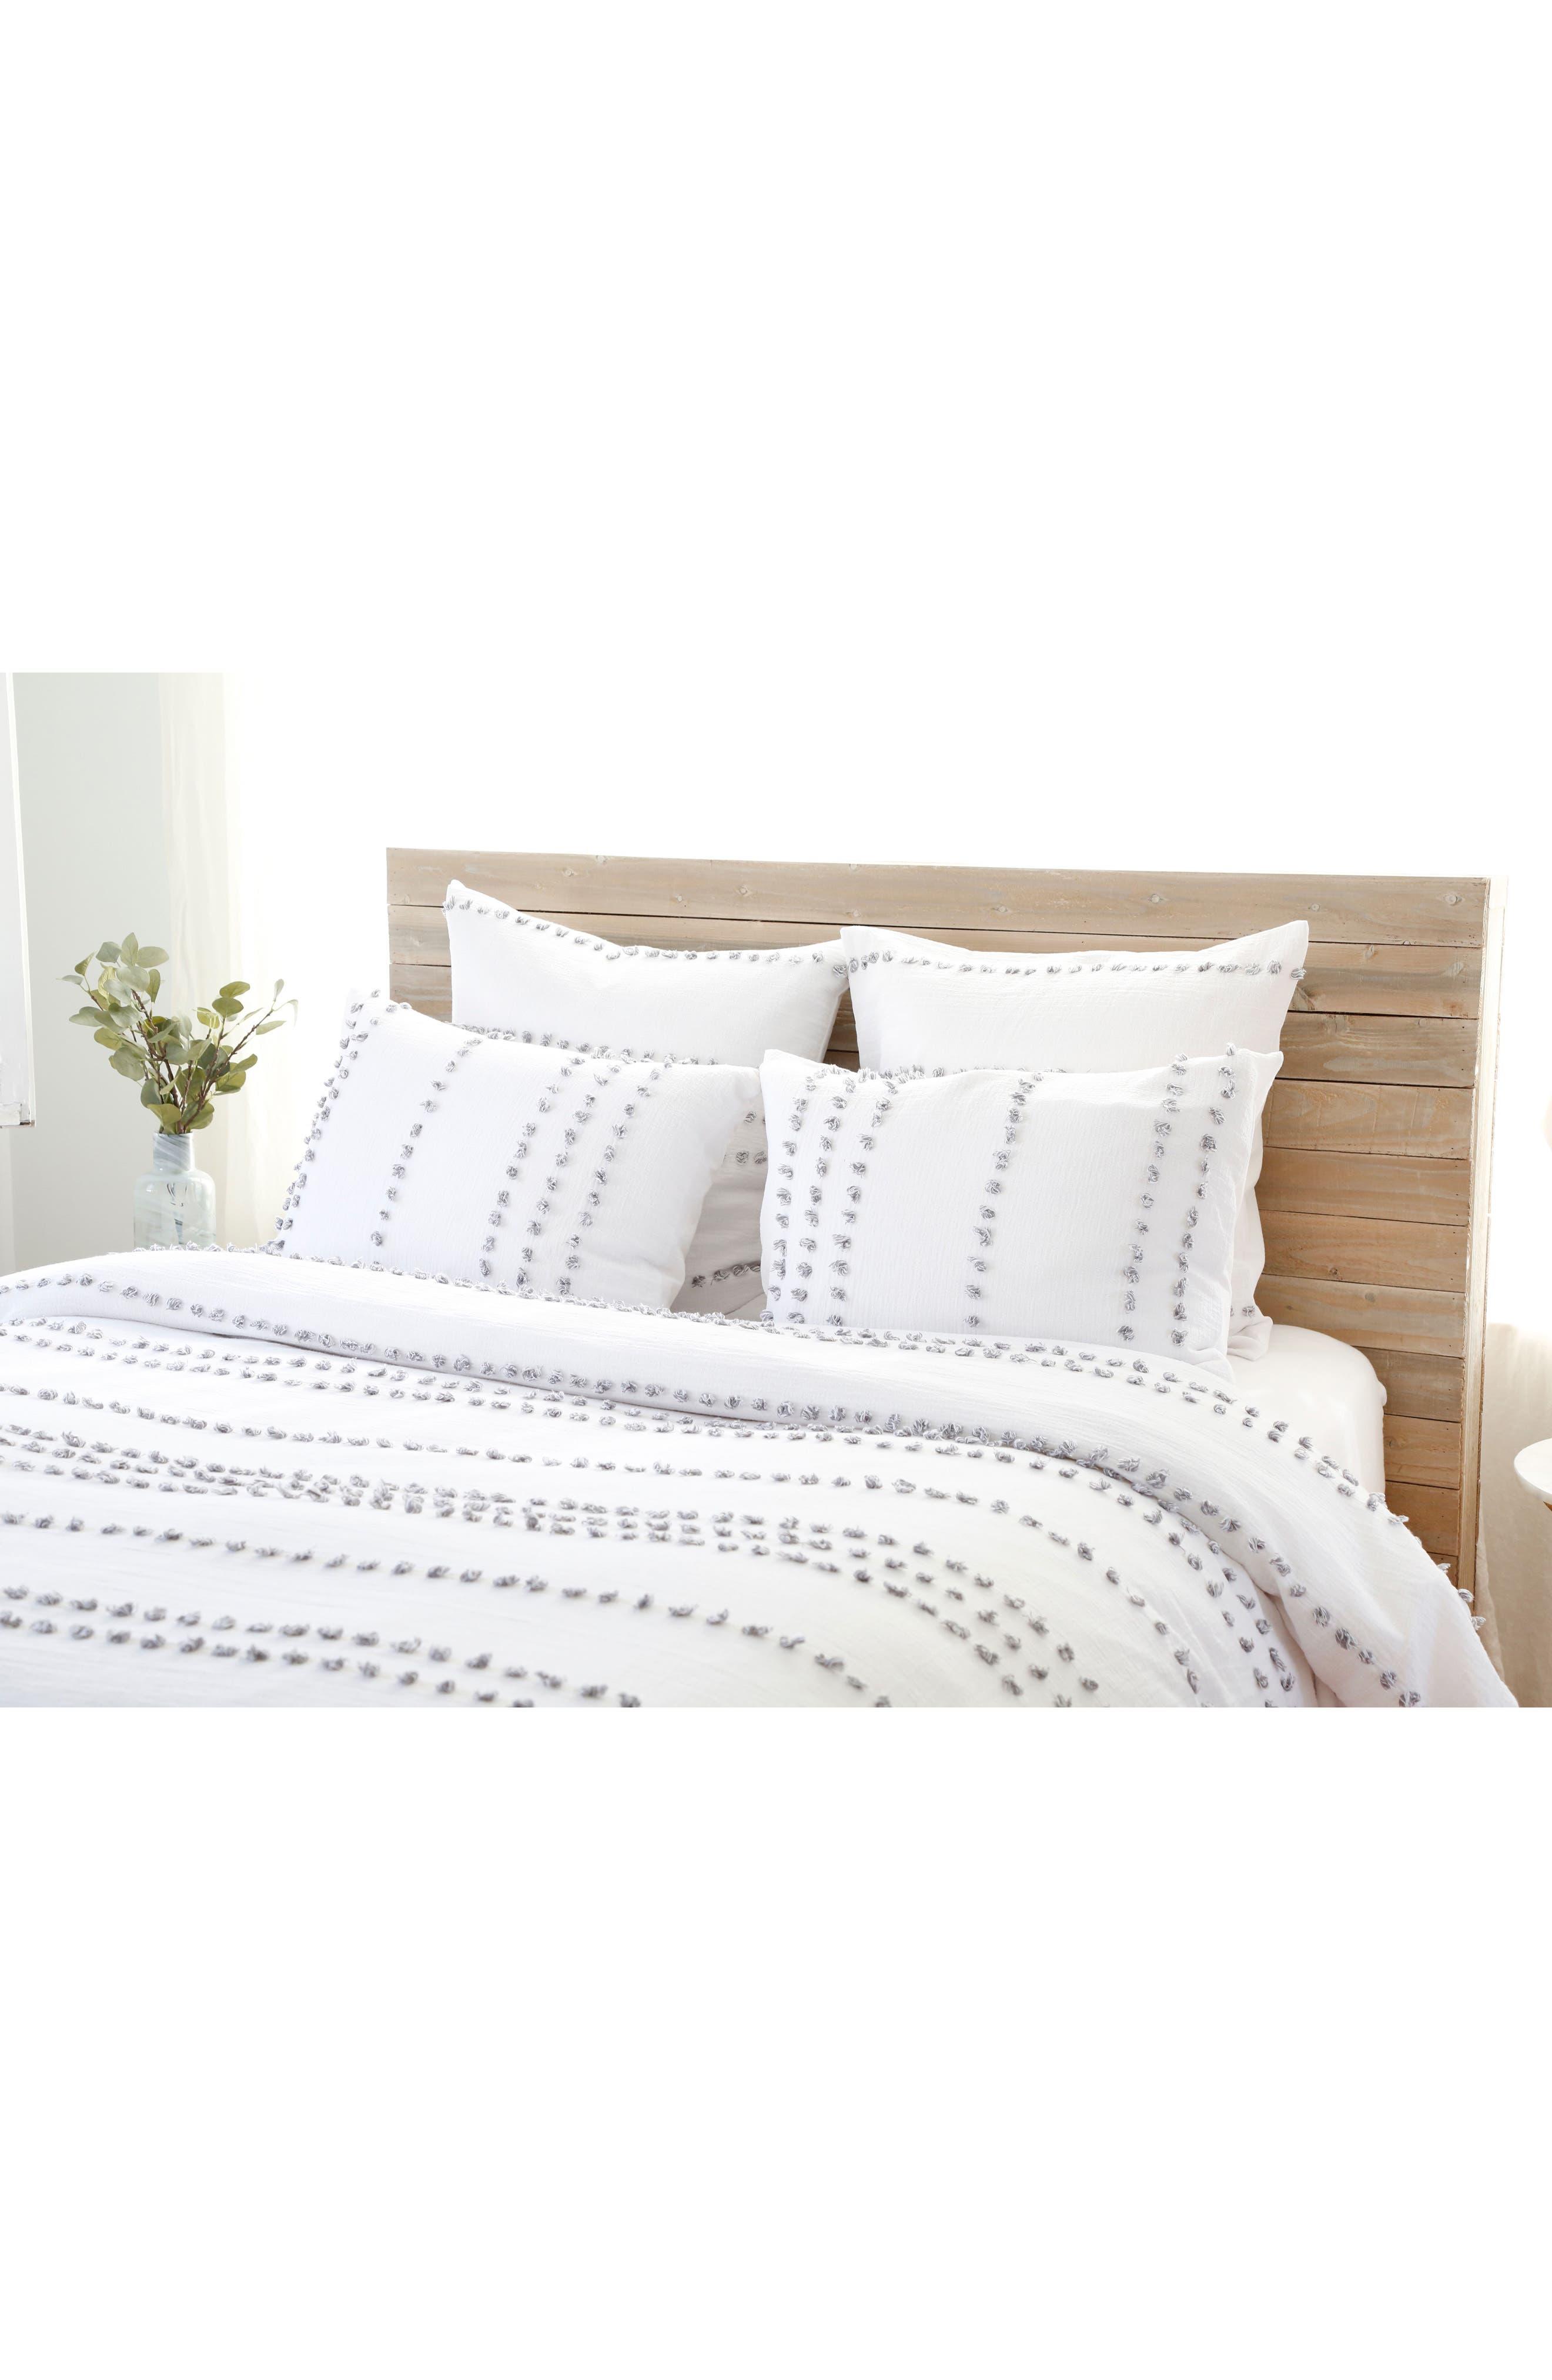 Poppy Blanket & Sham Set,                         Main,                         color, WHITE/ GREY